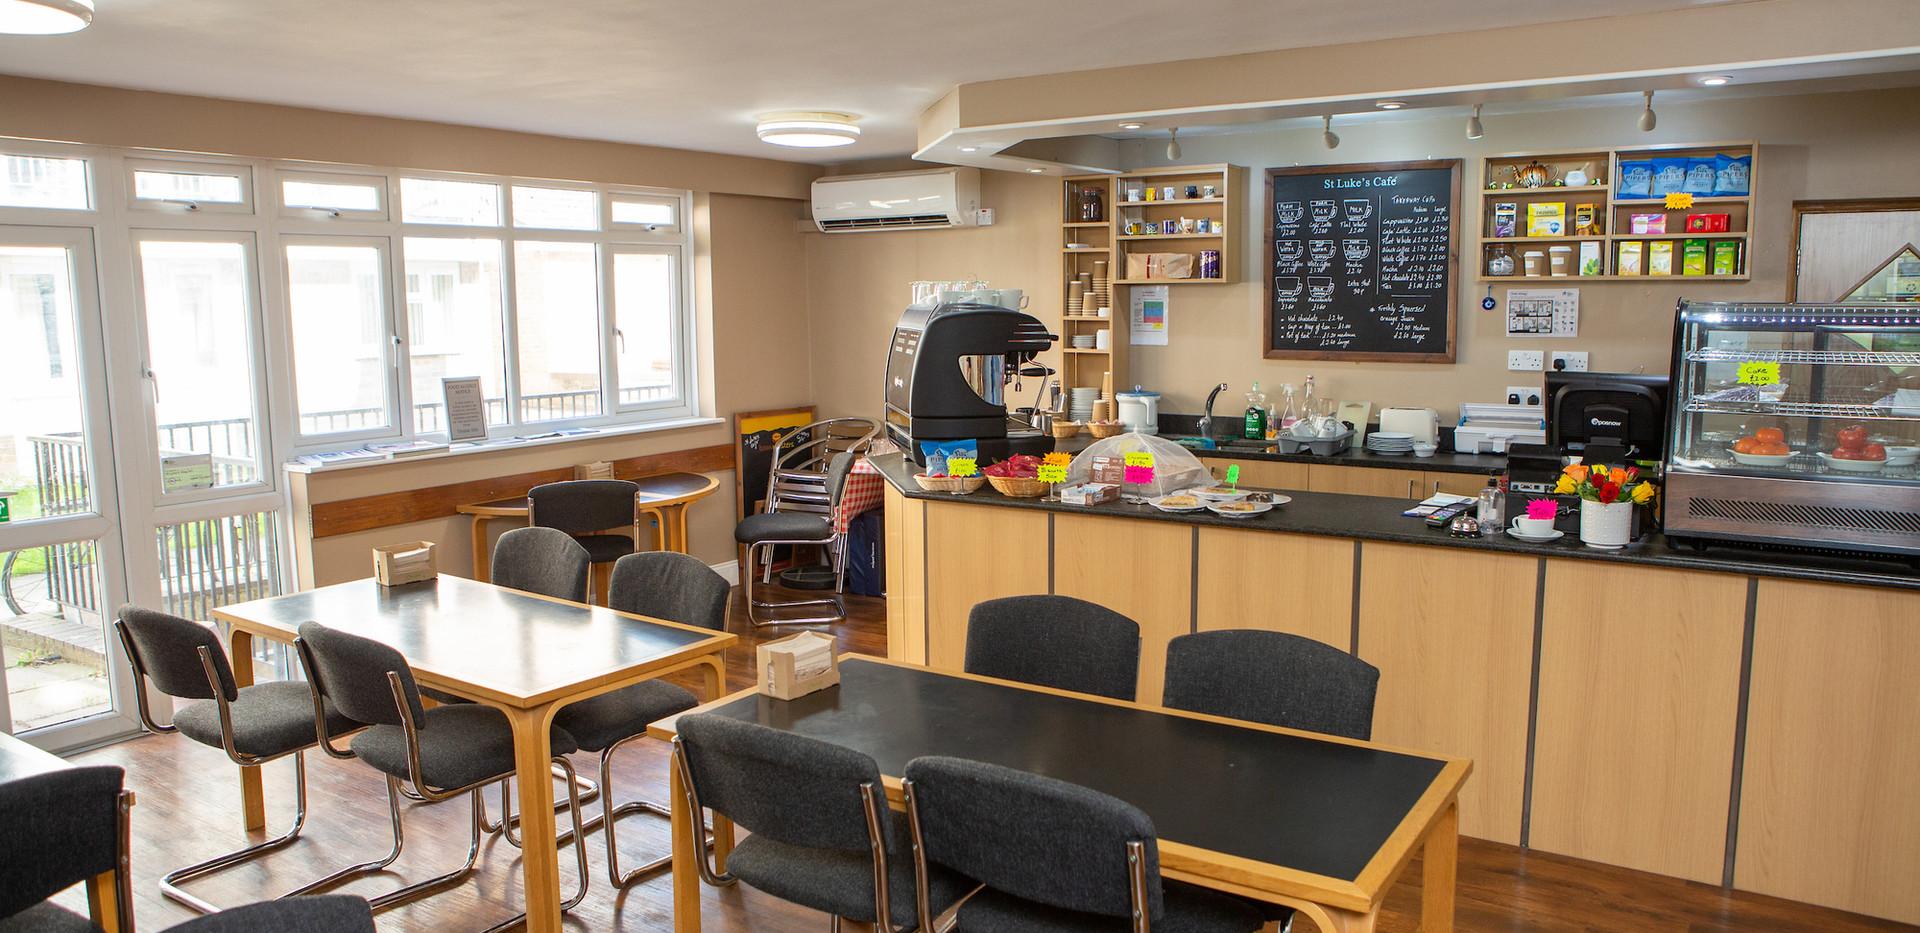 Cafe wide shot.jpg